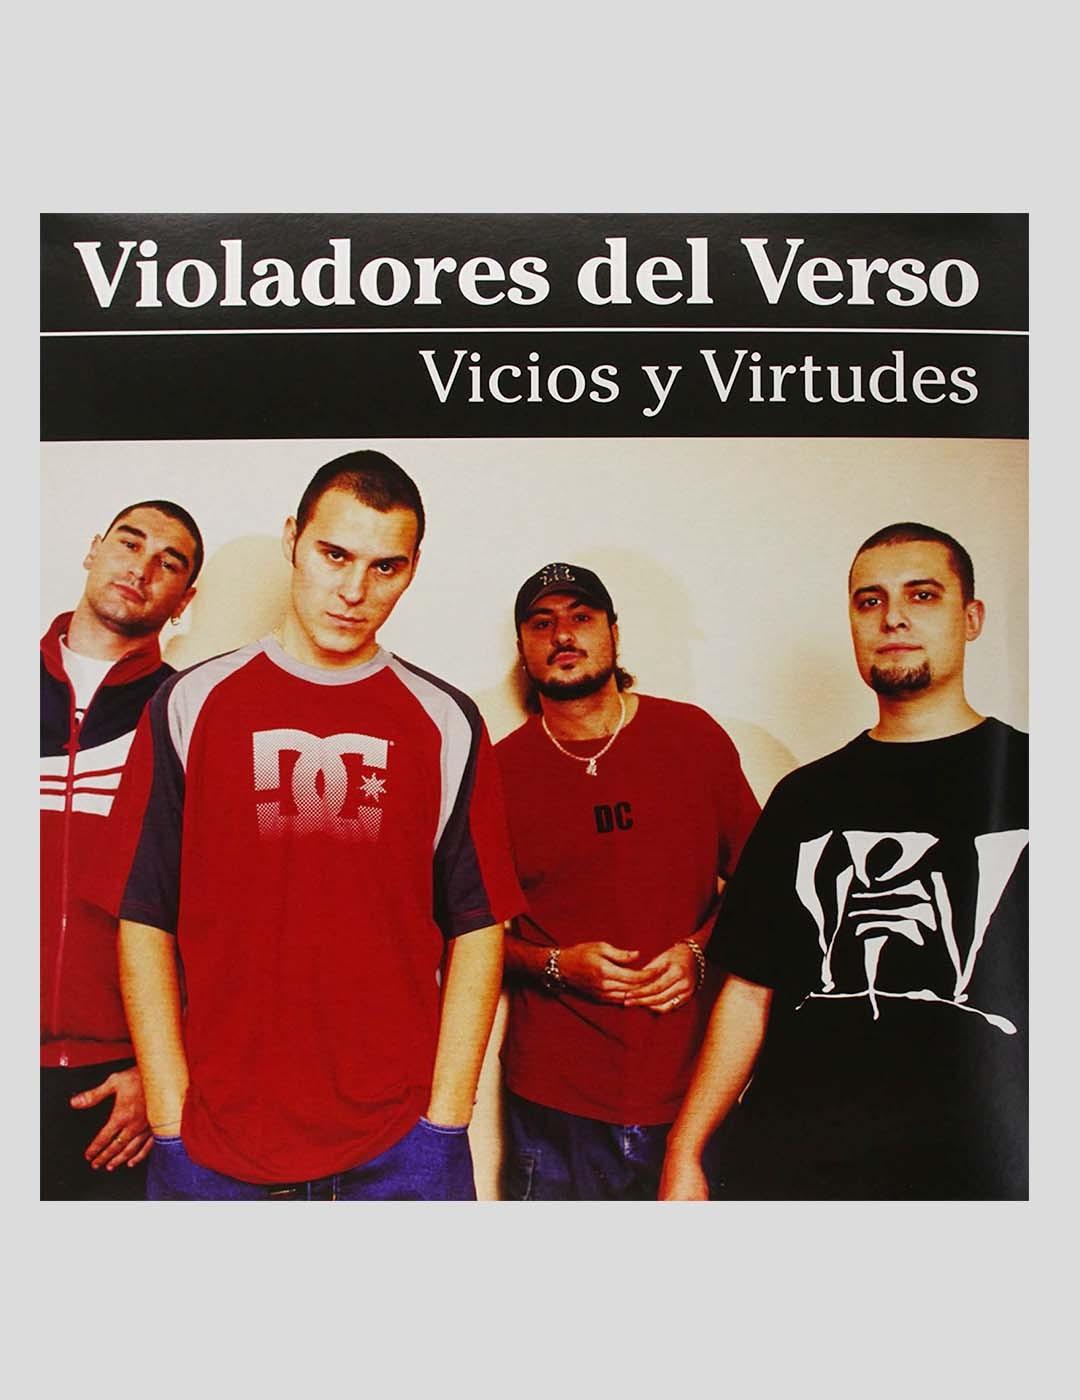 VINILO VIOLADORES DEL VERSO - VICIOS Y VIRTUDES 2 LPS VINYL